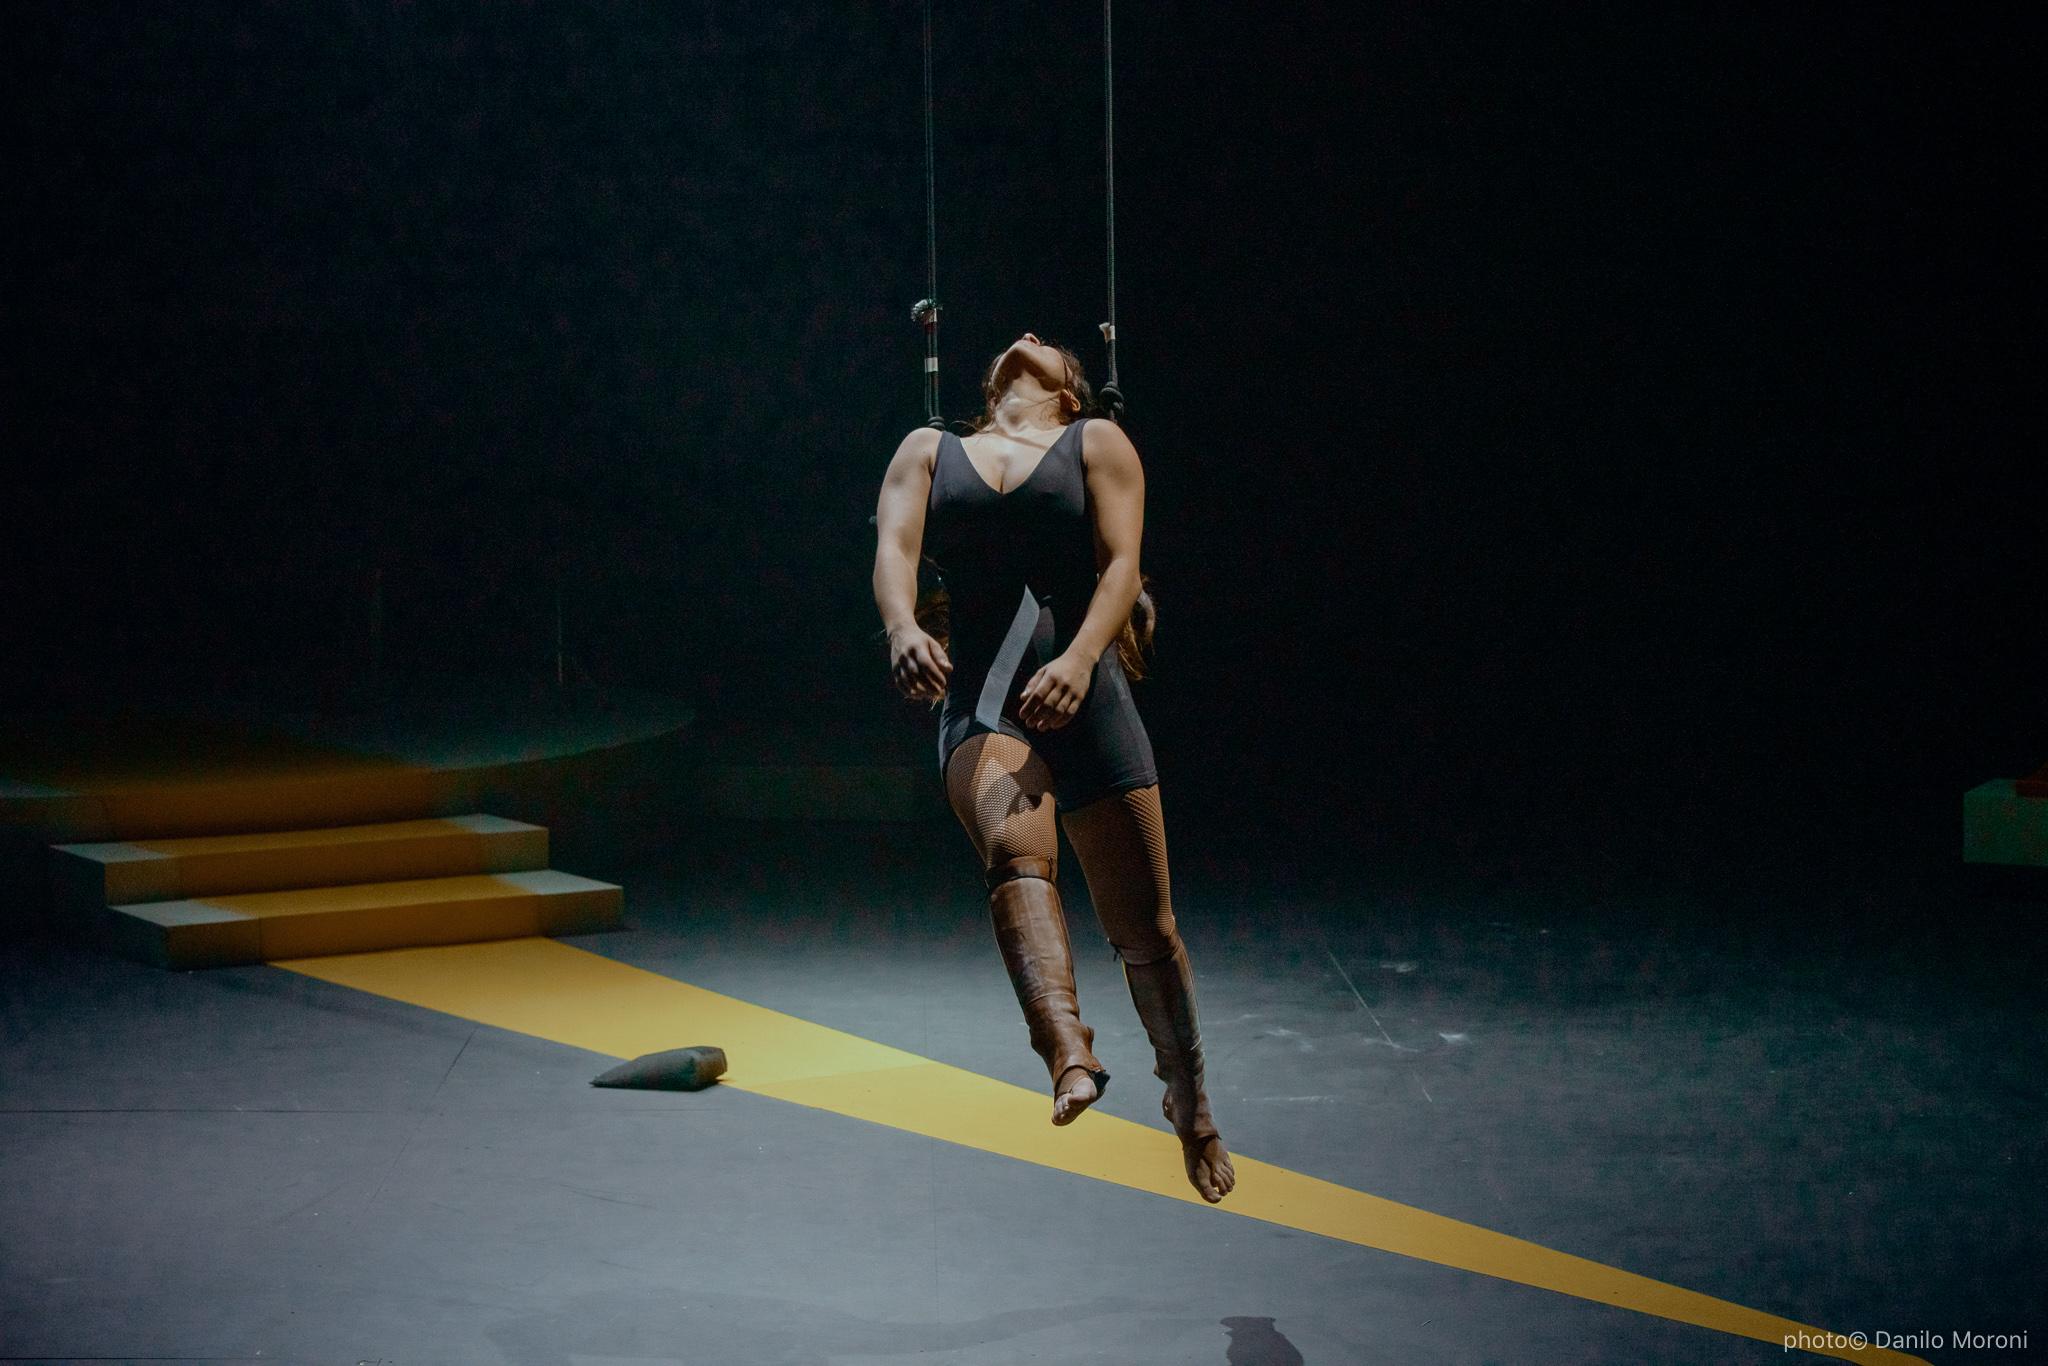 Teatro-en-vilo-Circo-Price-Miss-Mara-photo-Danilo-Moroni-374.jpg